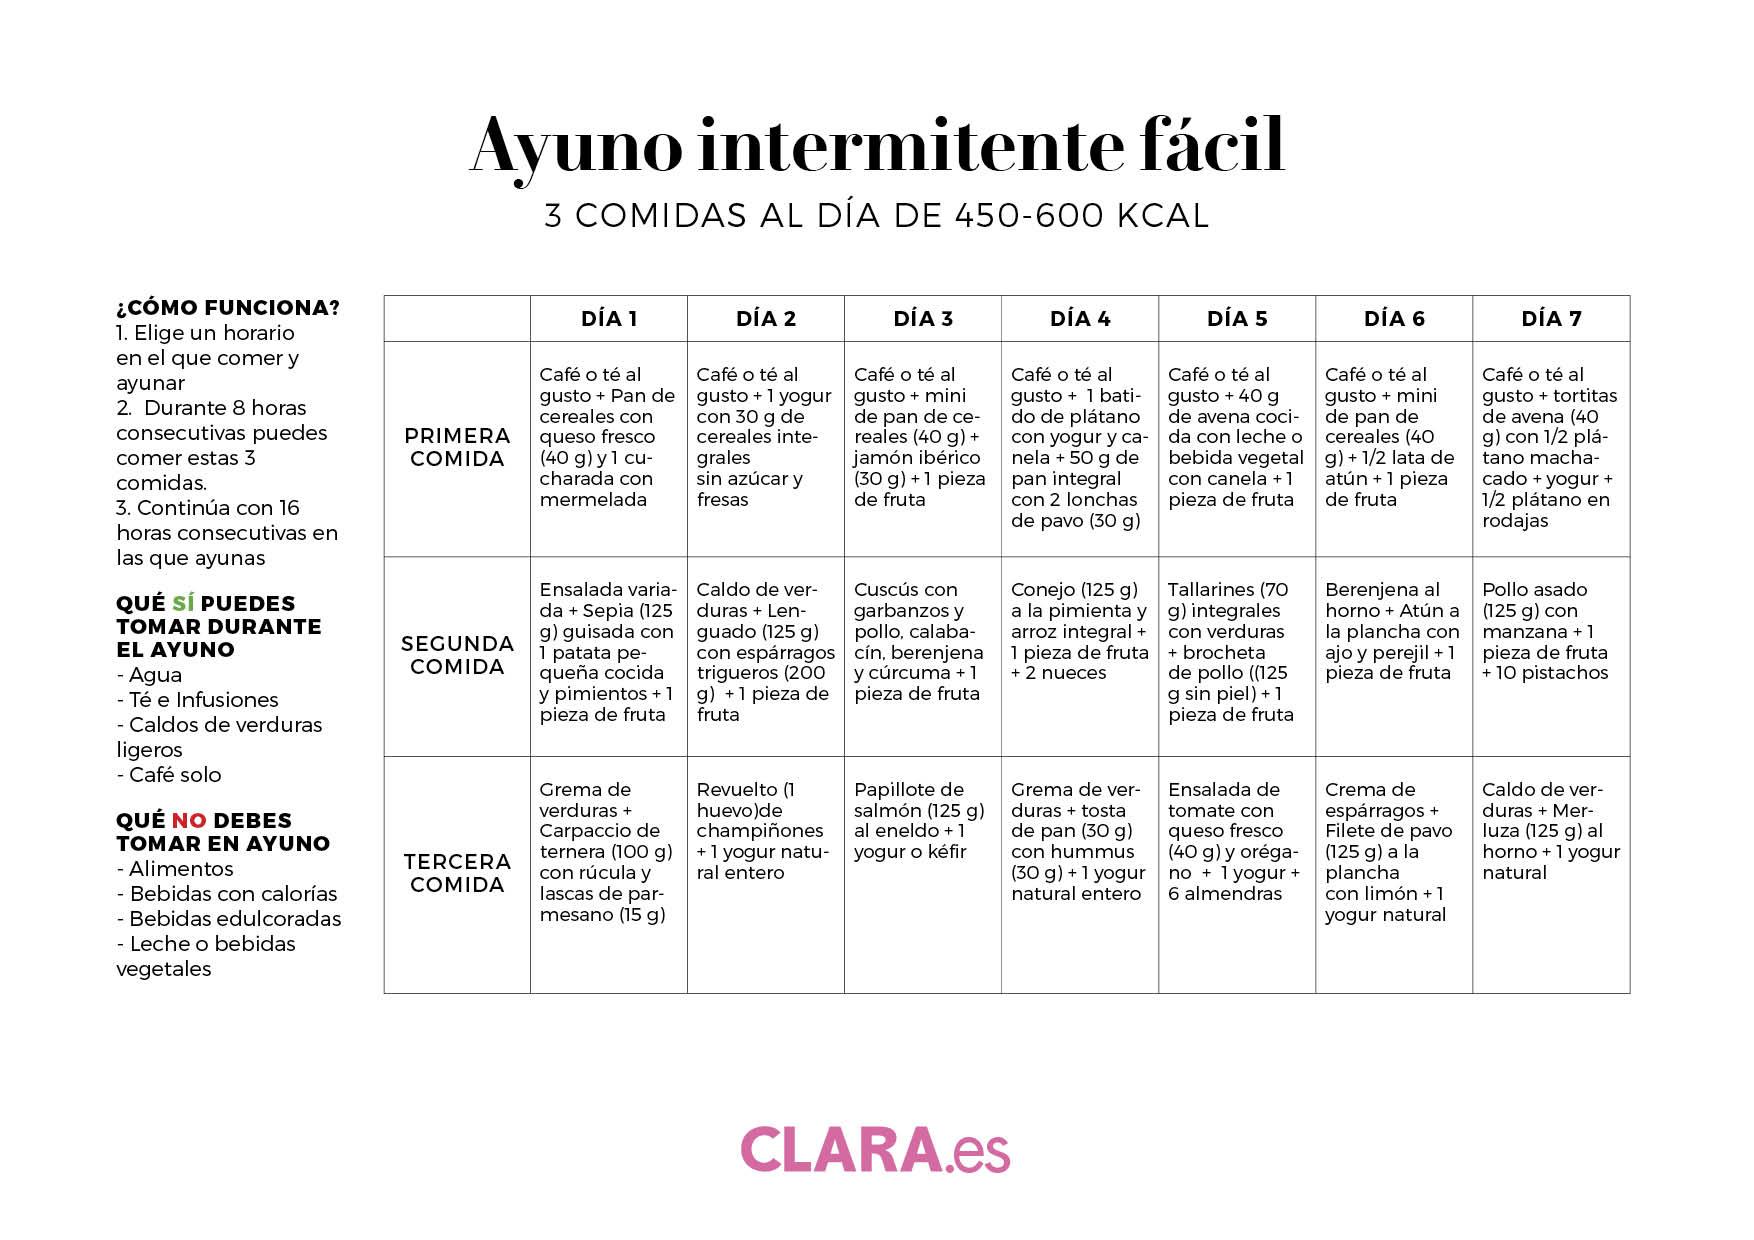 plan de dieta - Traducere în română - exemple în spaniolă | Reverso Context